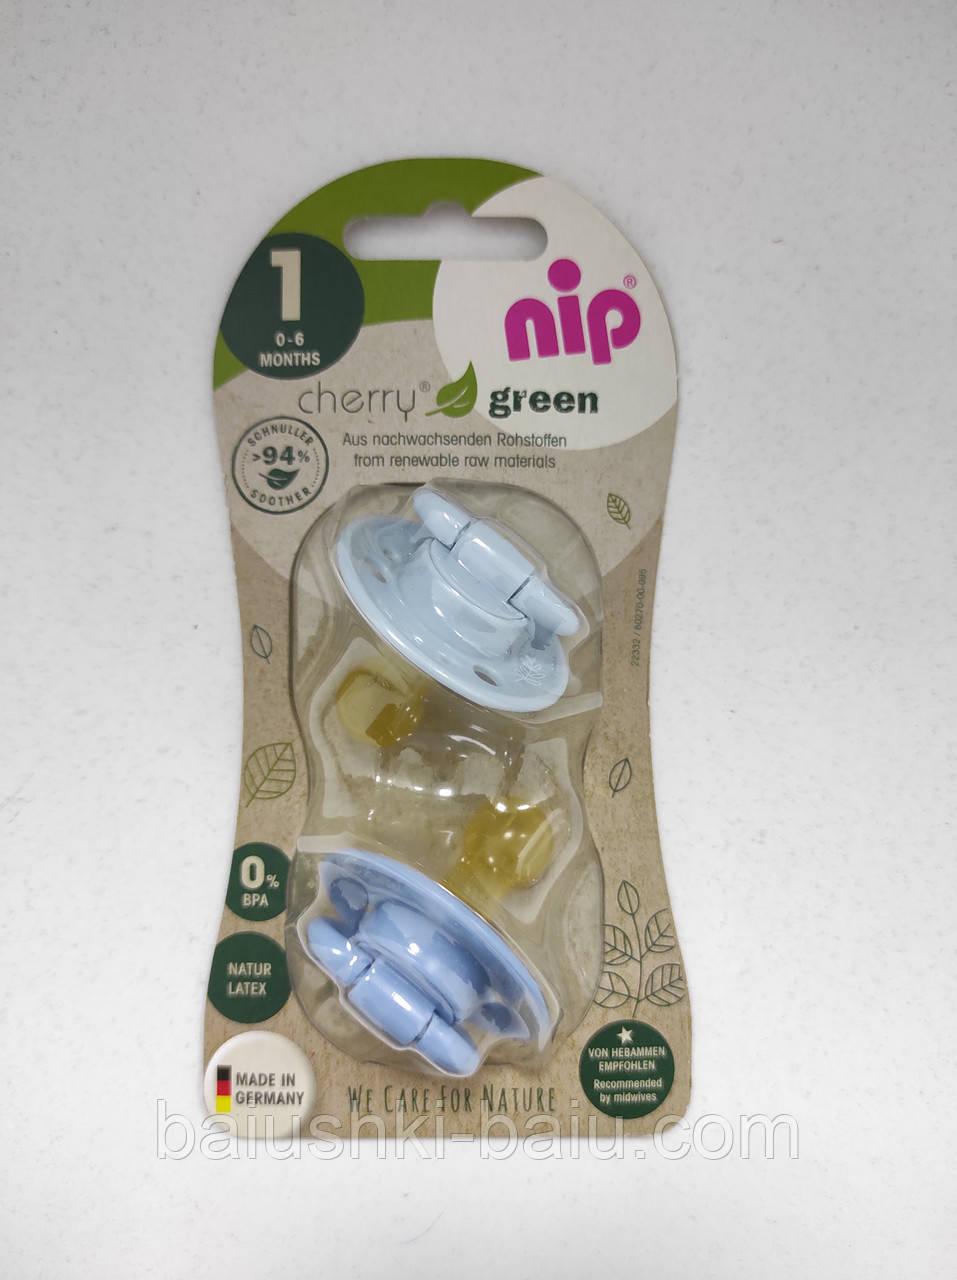 Пустышка латексная круглая для новорожденных Nip, 2 шт, 0-6 мес.